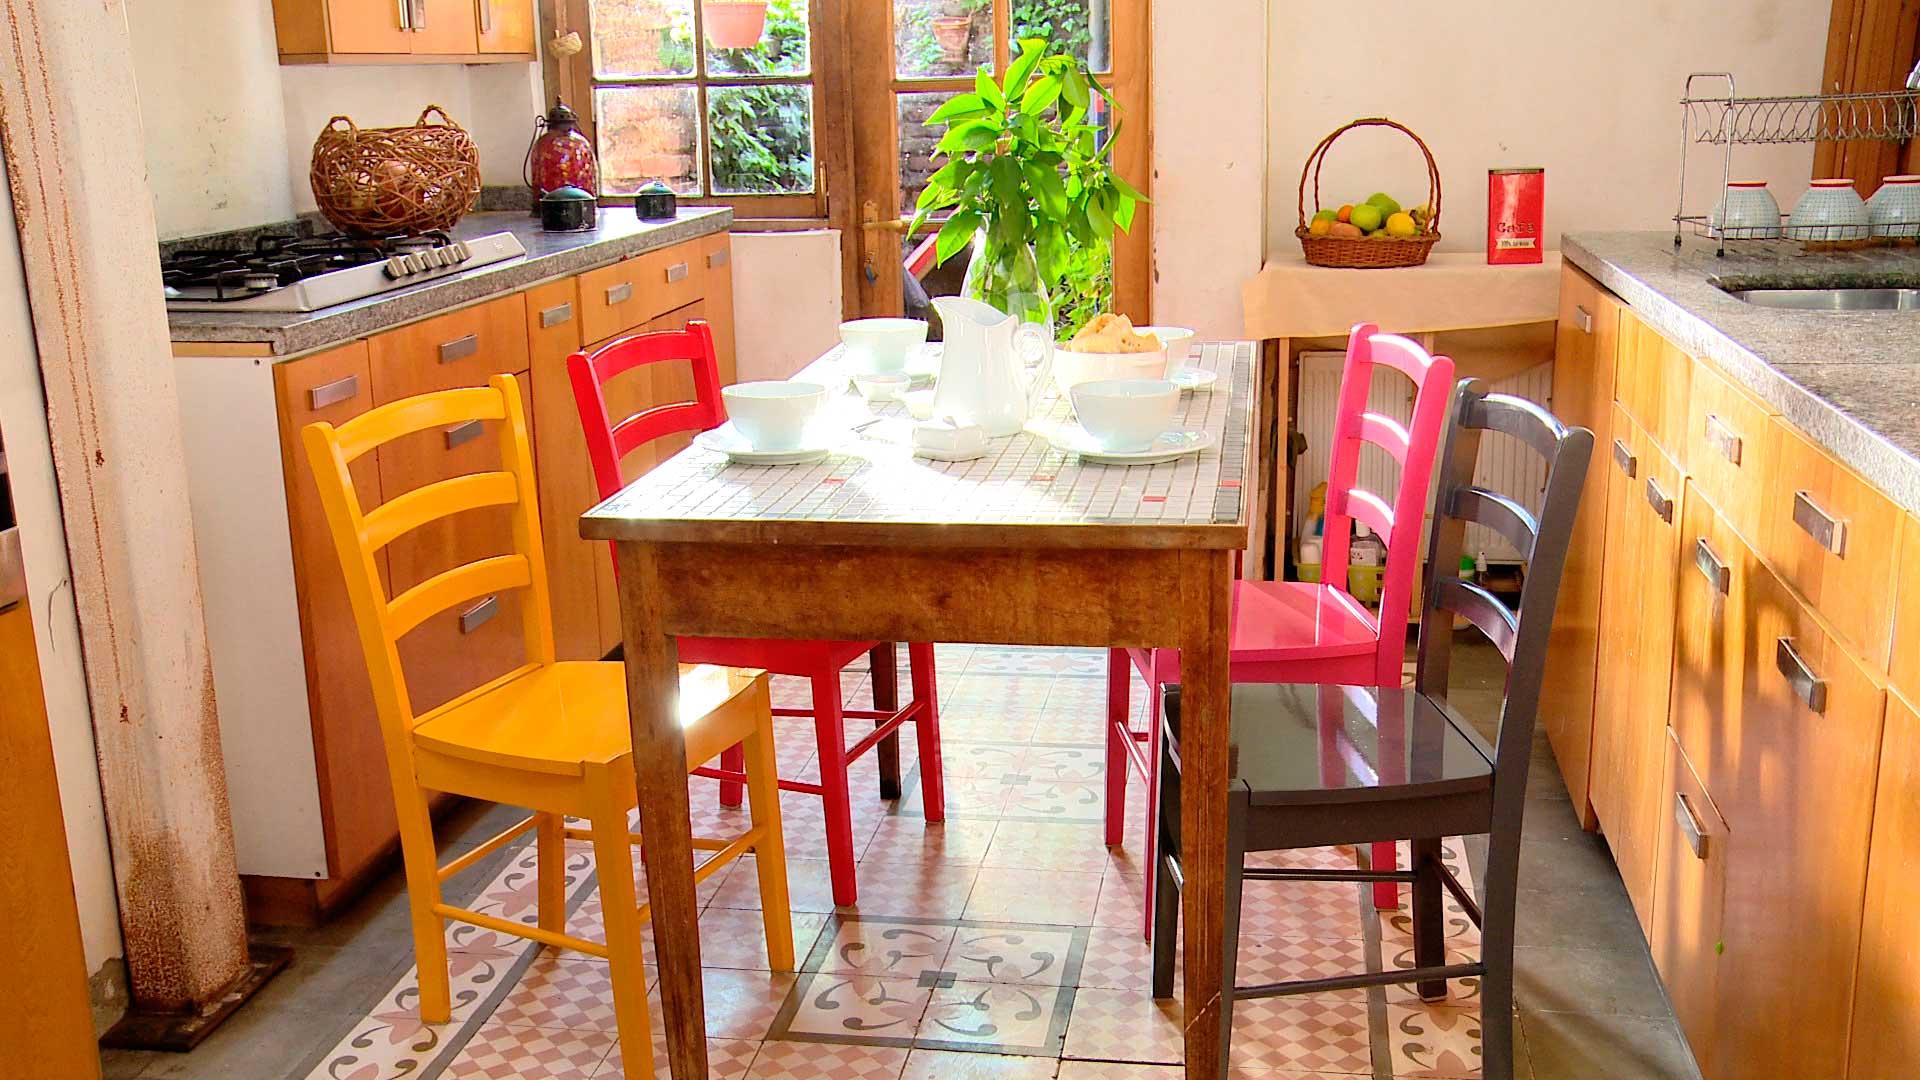 El comedor, ya sea de la terraza o interior, es un espacio donde se puede compartir con la familia y amigos, es un lugar más íntimo y cotidiano, por eso vale la pena personalizarlo para que refleje nuestro gustos y estado de ánimo. Y una buena idea para hacerlo es pintando las sillas con distintos colores.